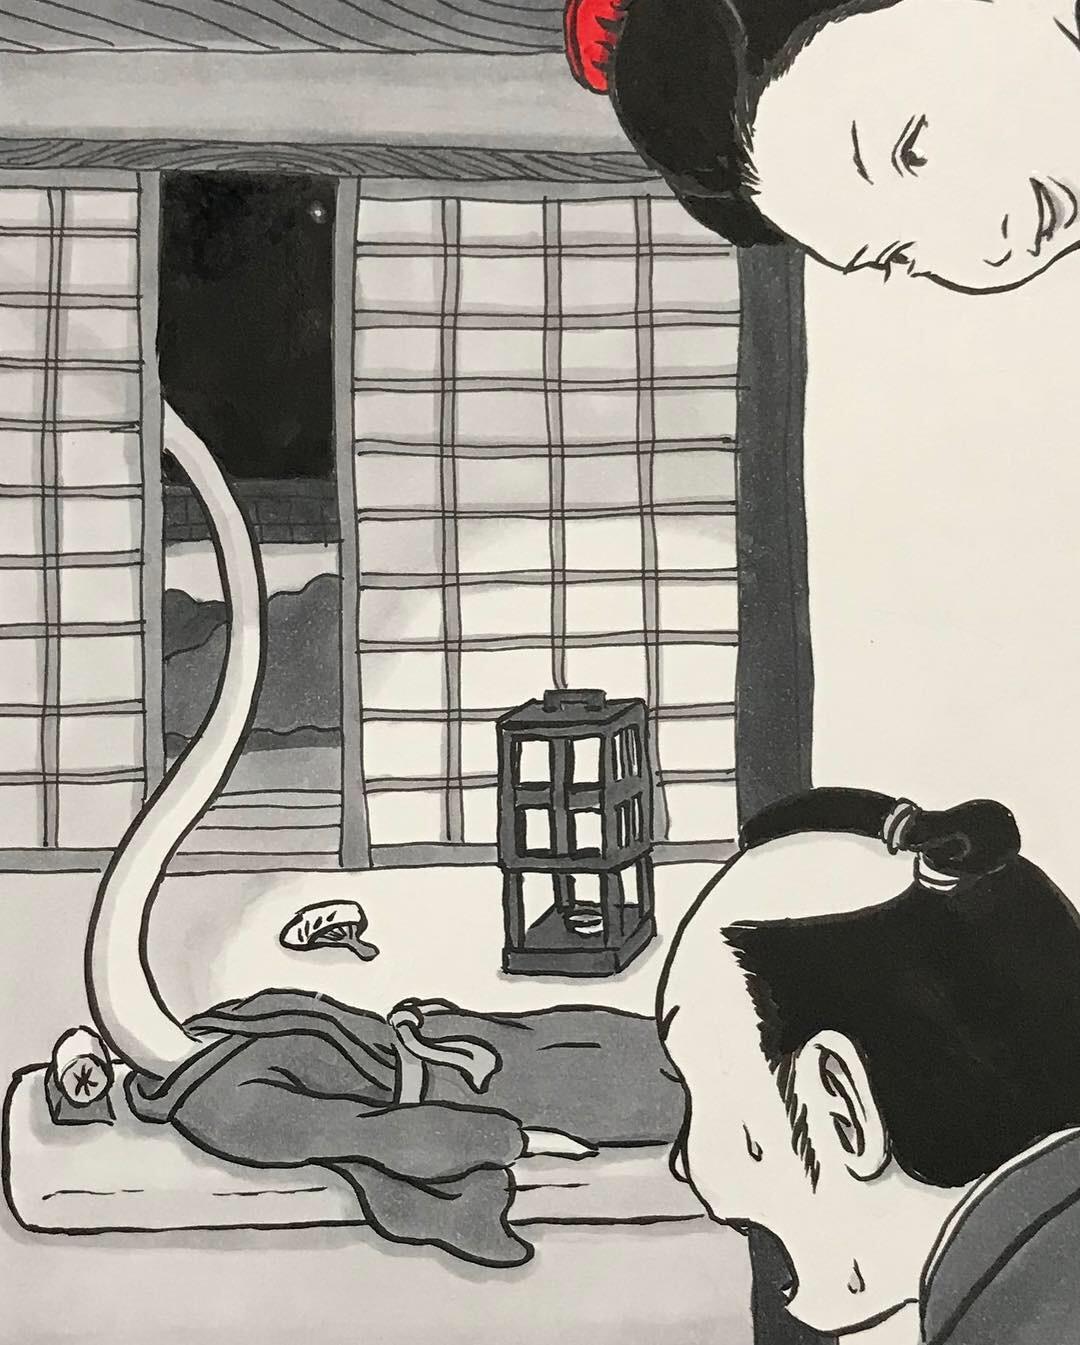 ろくろっ首のお菊さん久々 ROKURO-KUBI3